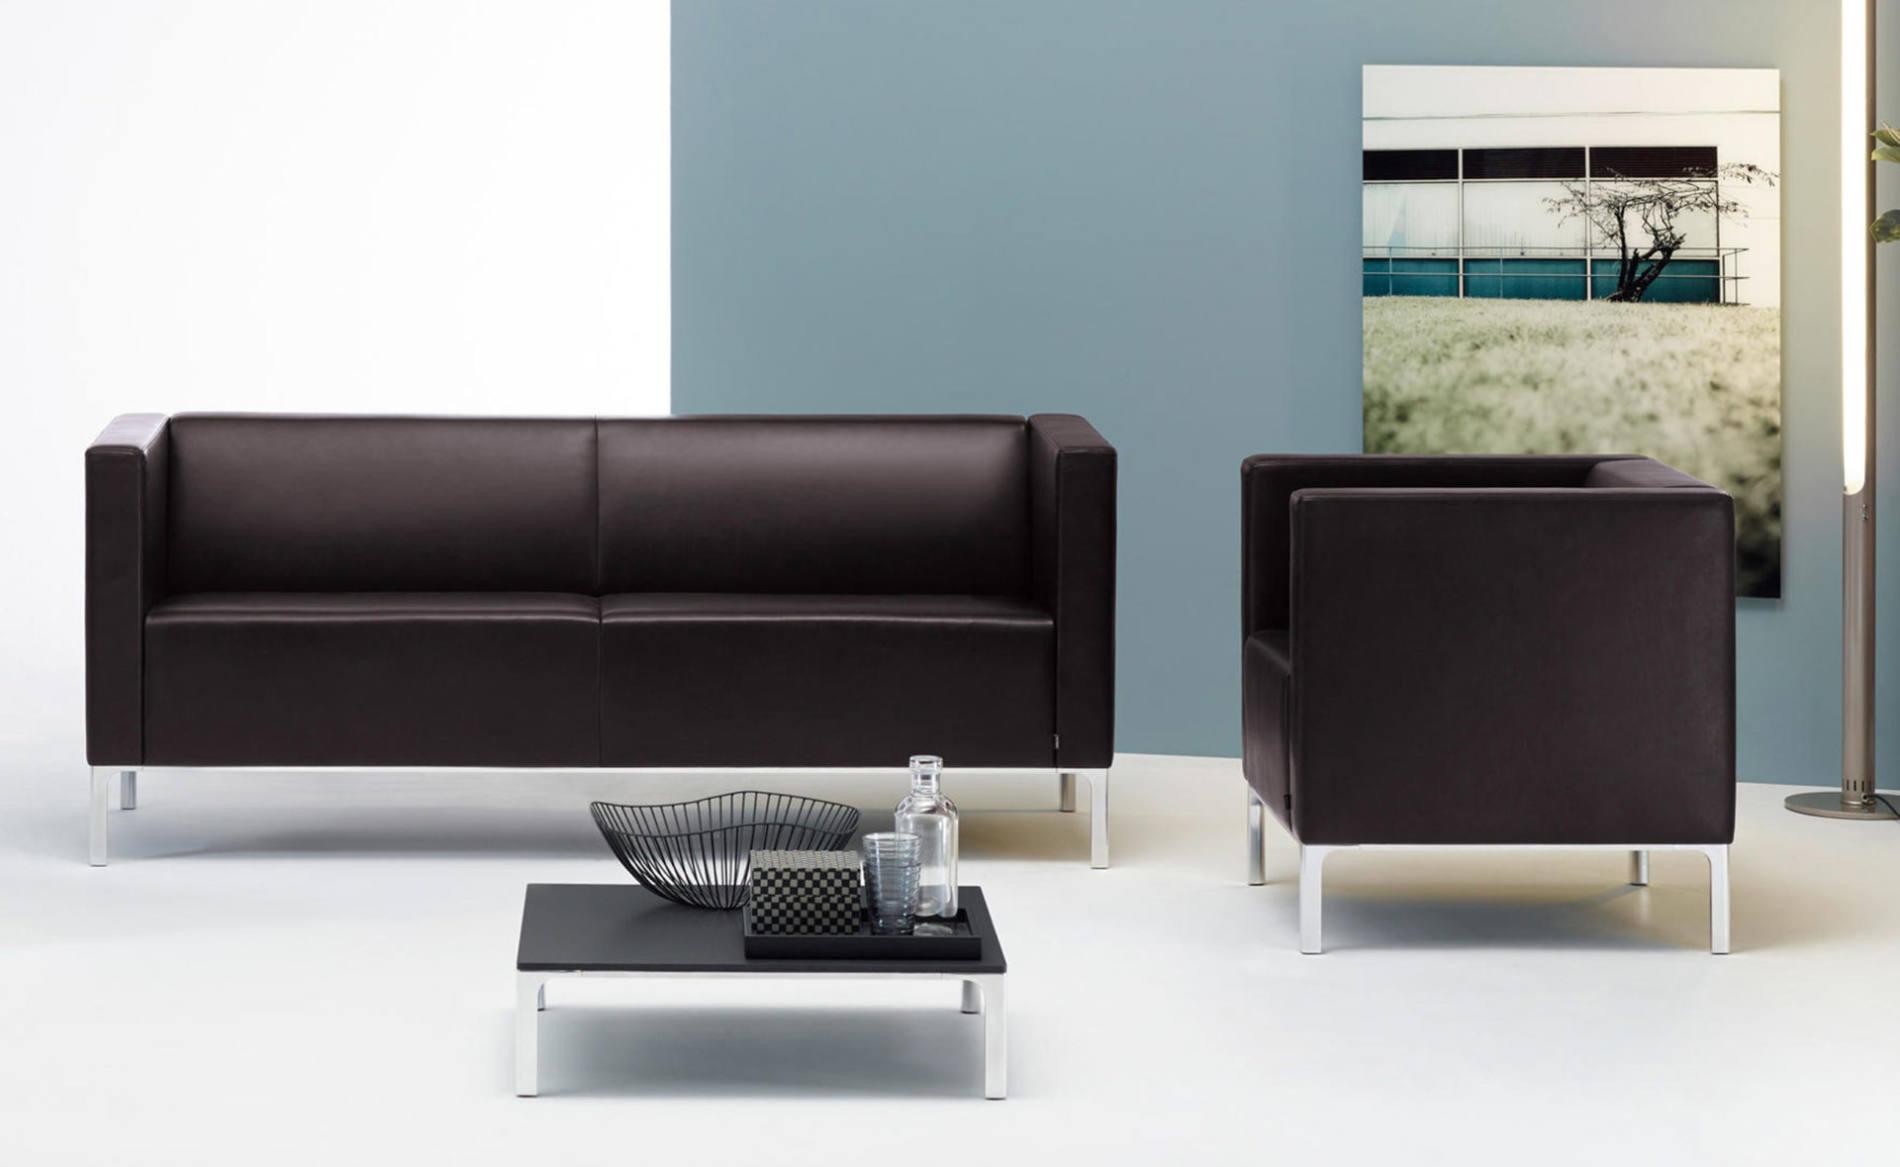 Sofa TASSO für Empfangs- oder Wartebereich (Klöber)